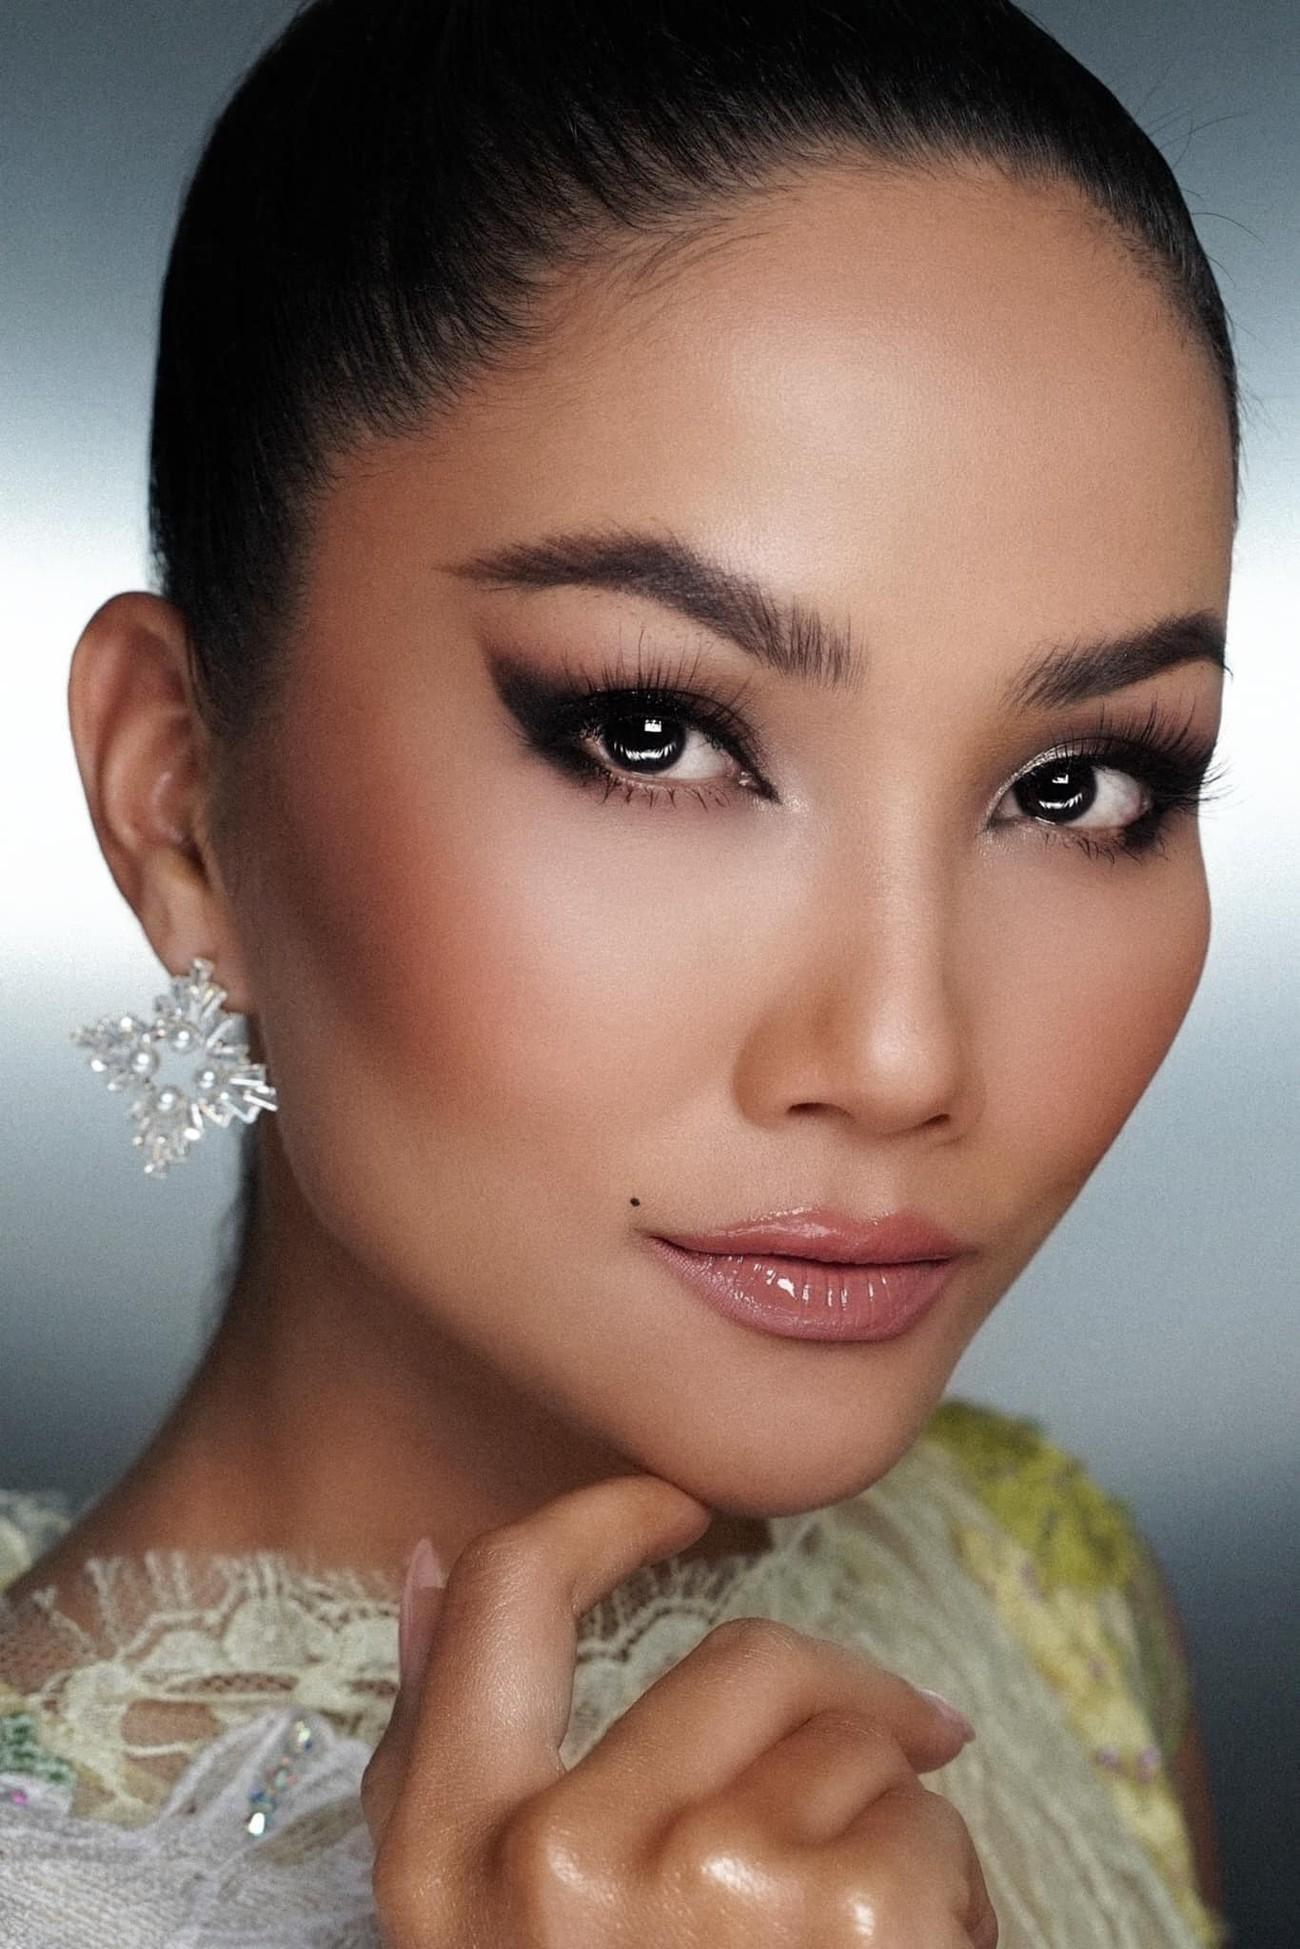 Diện lại sắc vàng từng 'gây bão' ở Miss Universe, H'Hen Niê đẹp rạng rỡ như một đóa hồng ảnh 9